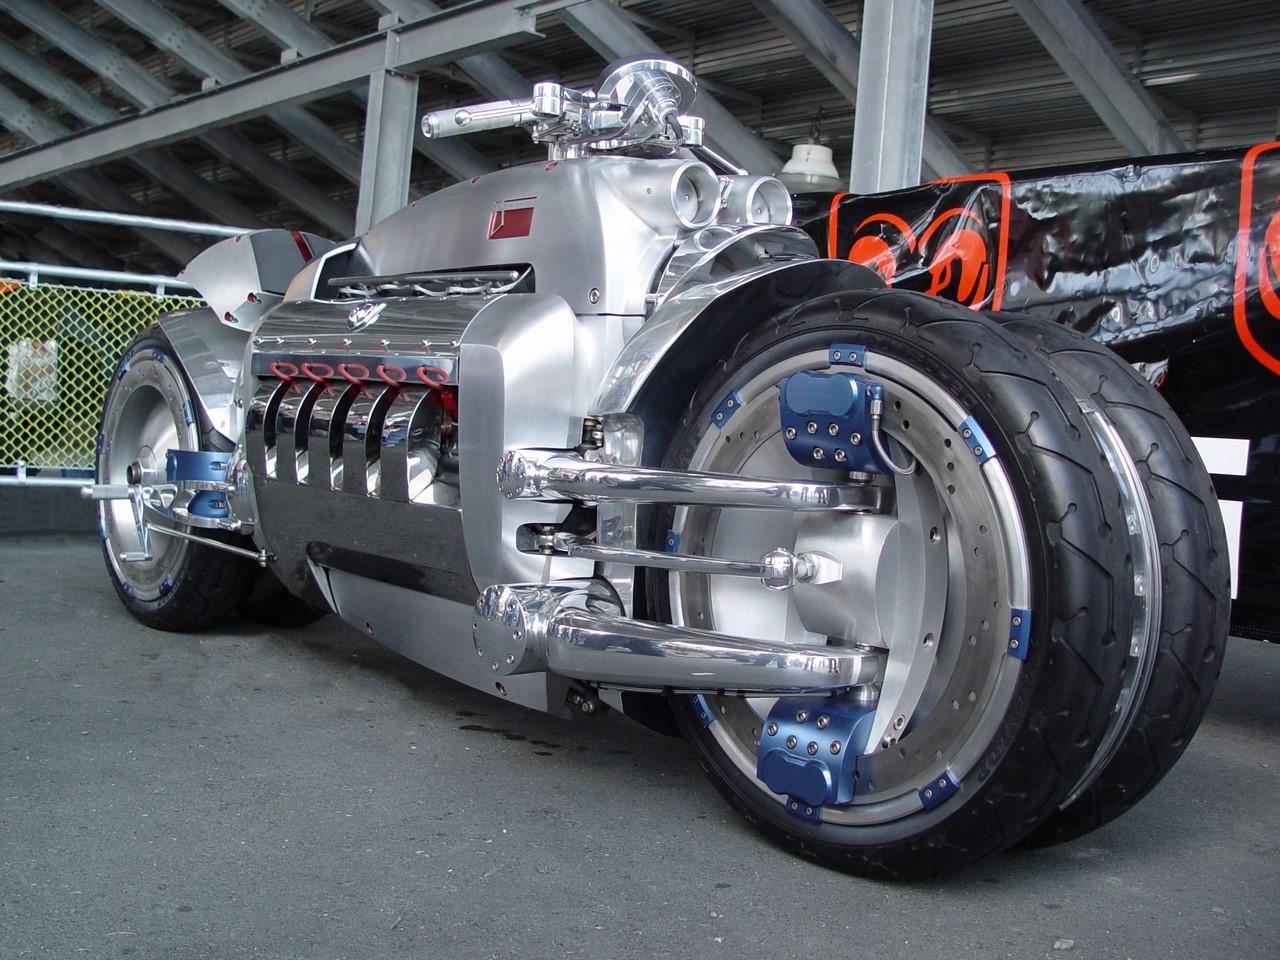 они используемого фото самого быстрого мотоцикла в мире хирурги